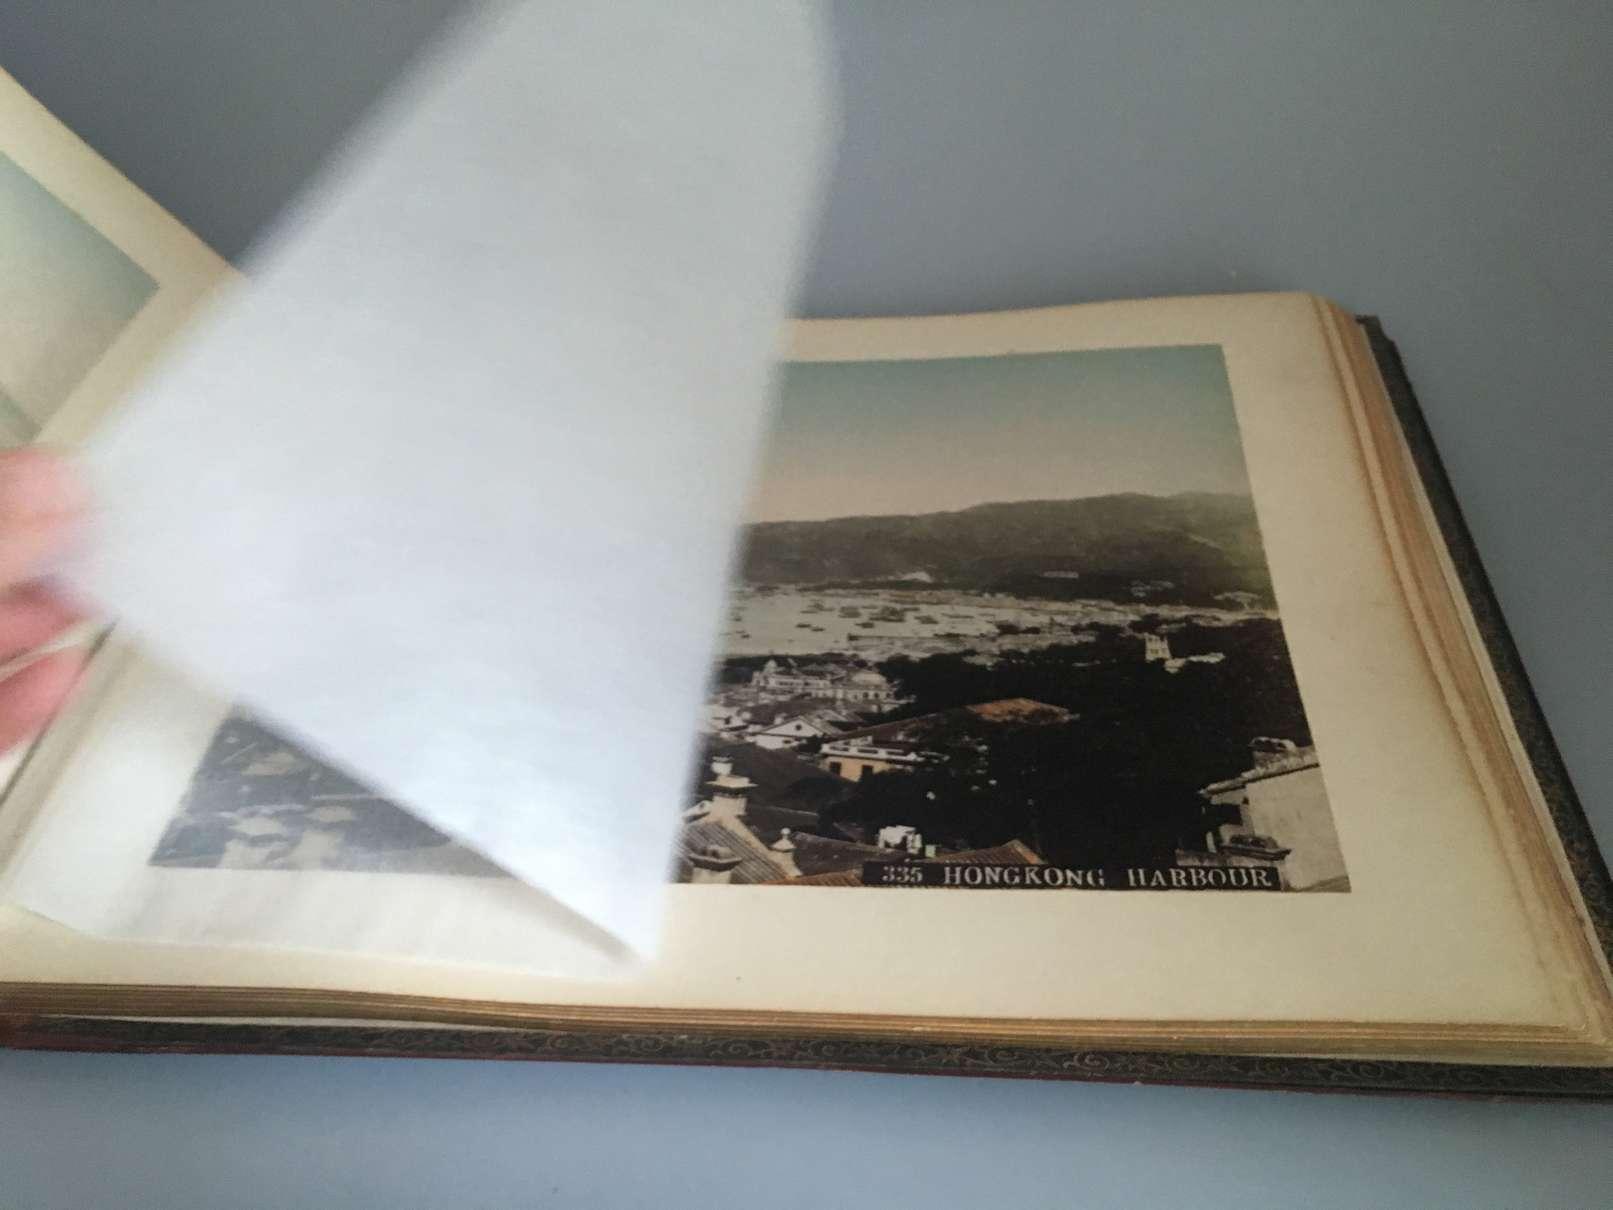 album-photo-art-restauration-papier-restaurarte-hong-kong.jpg